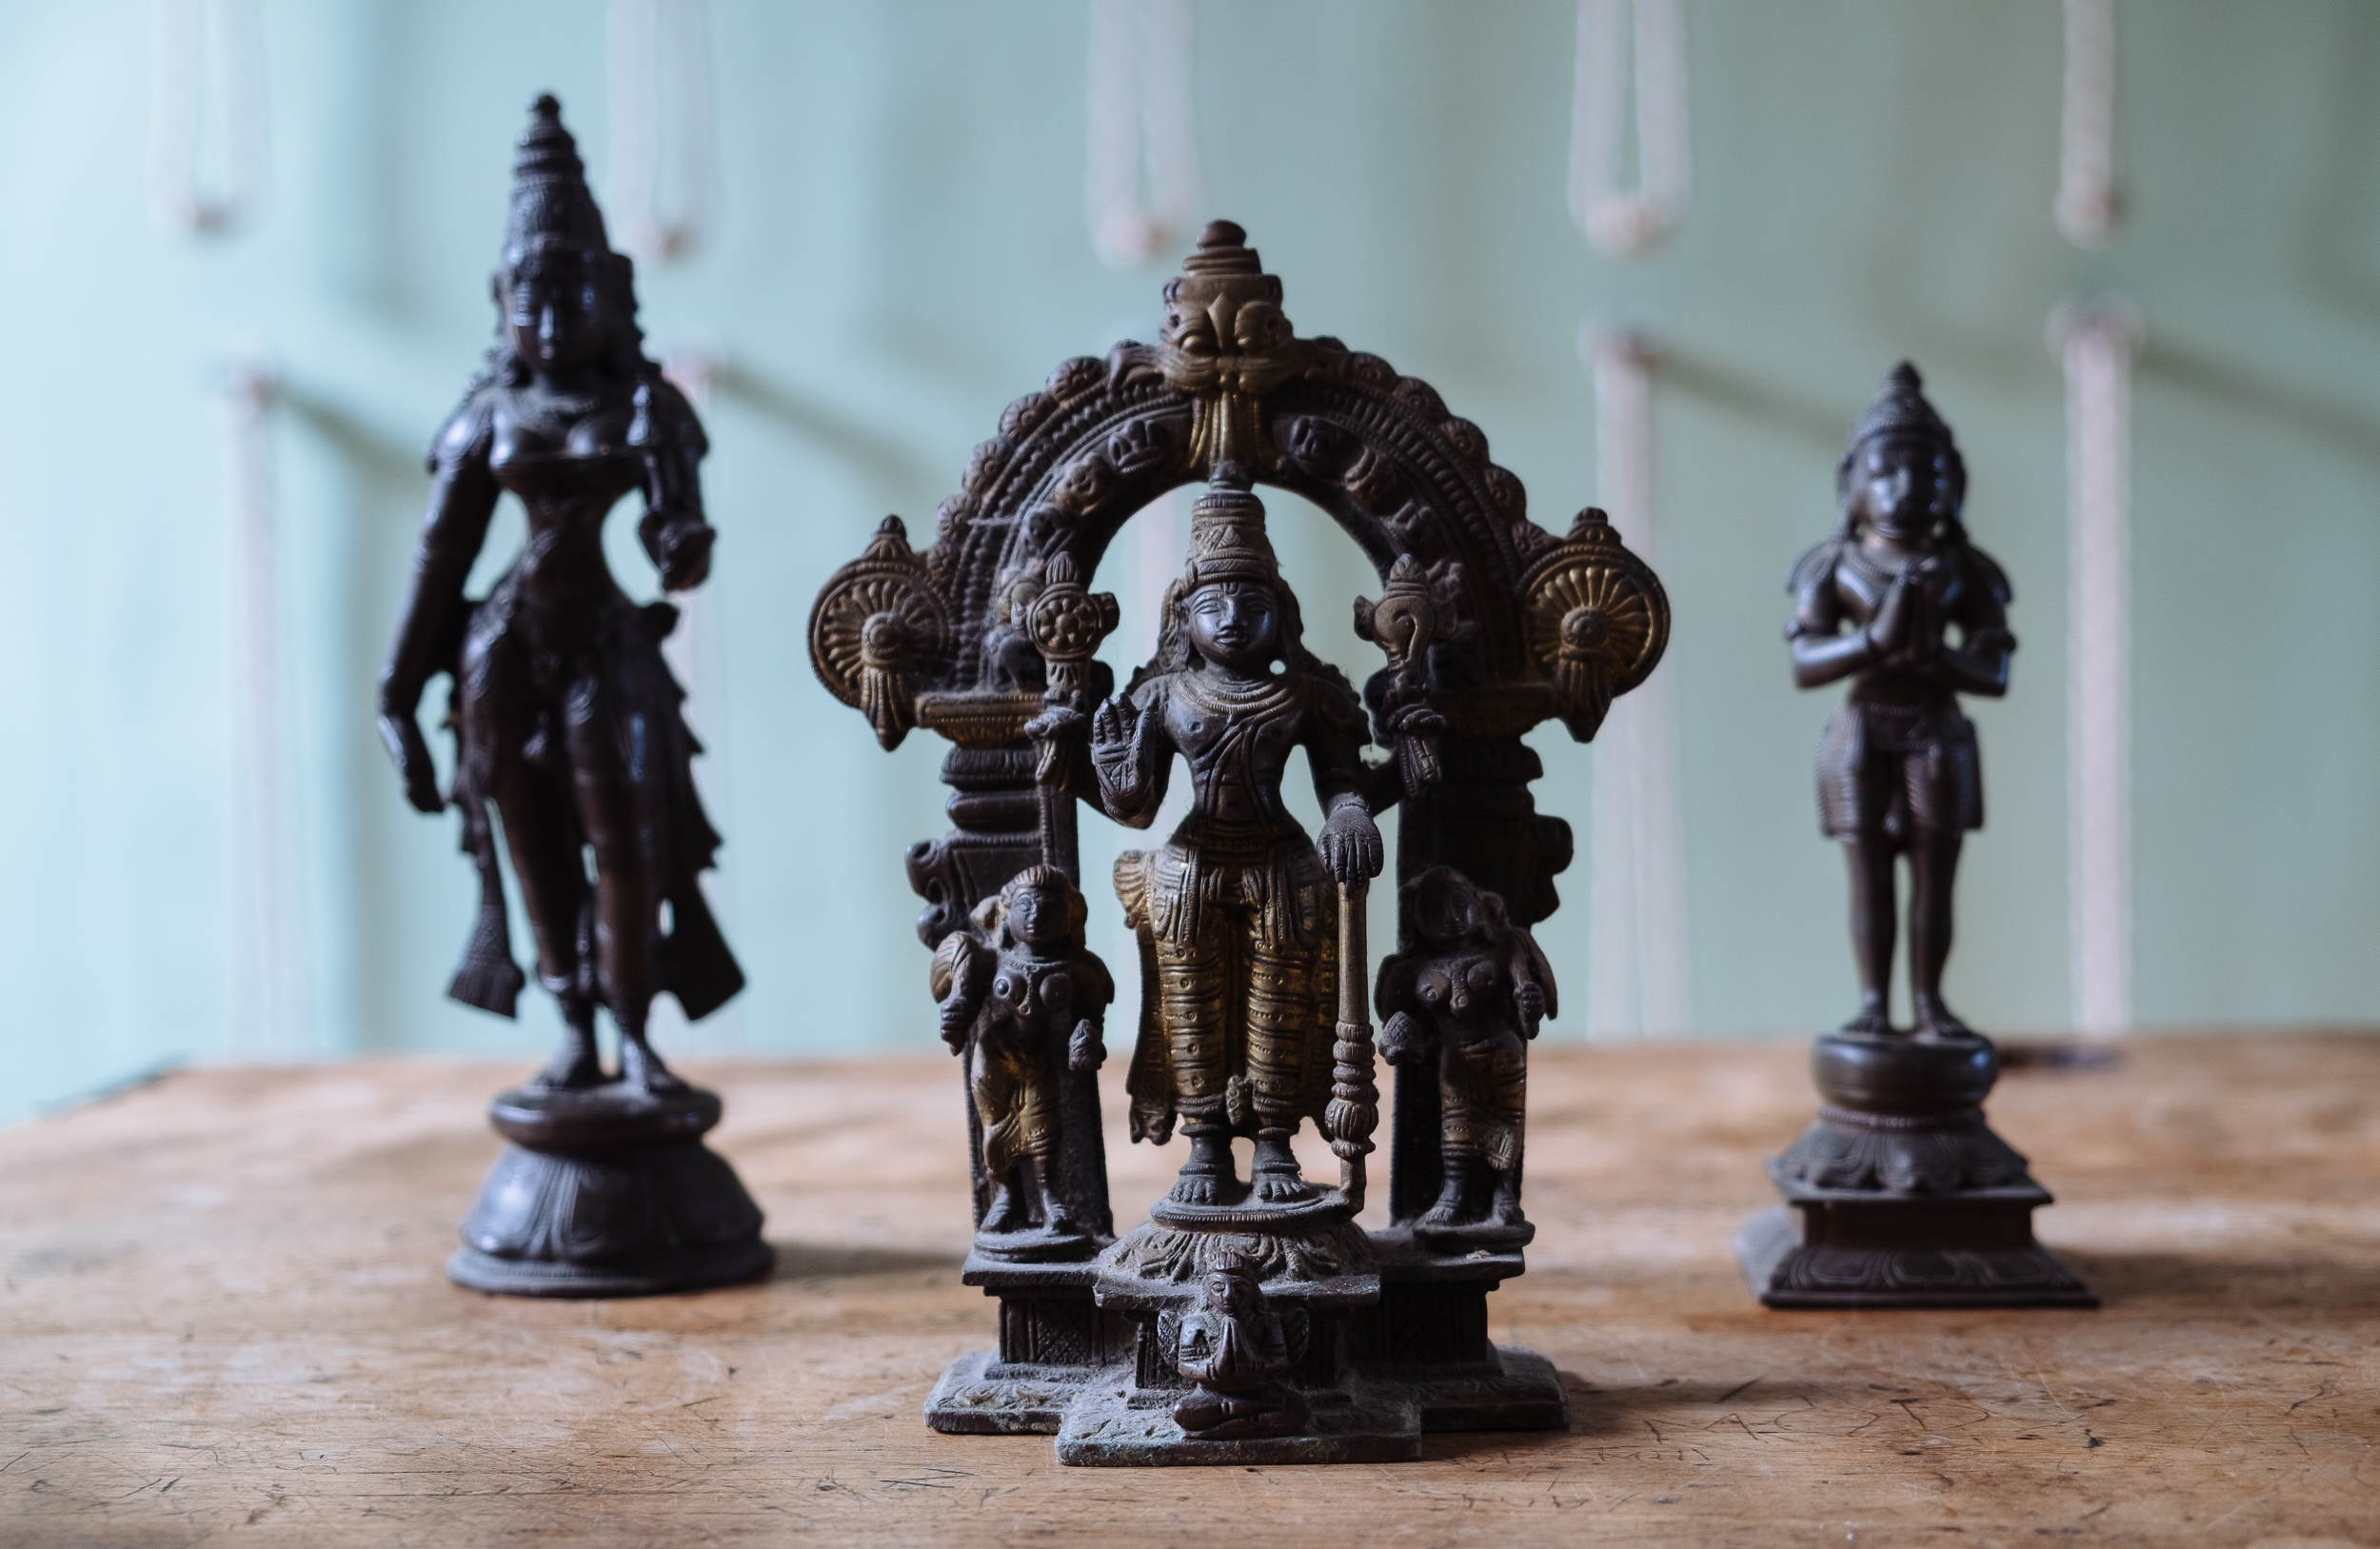 Statues of Indian deities